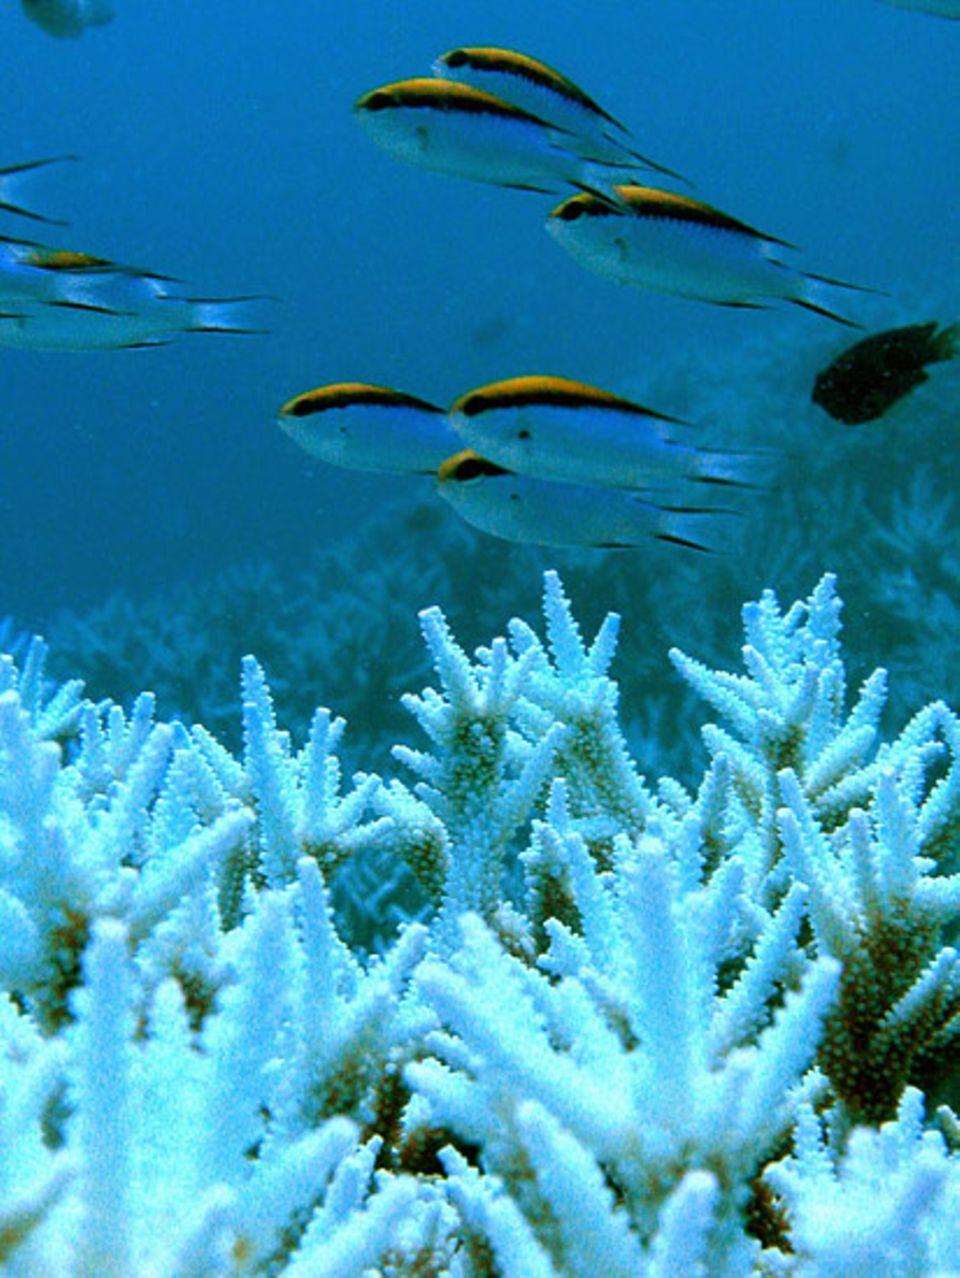 Klimawandel: Korallenbleiche: Die Korallen stoßen die Algen ab und verlieren dadurch ihre Farbe.